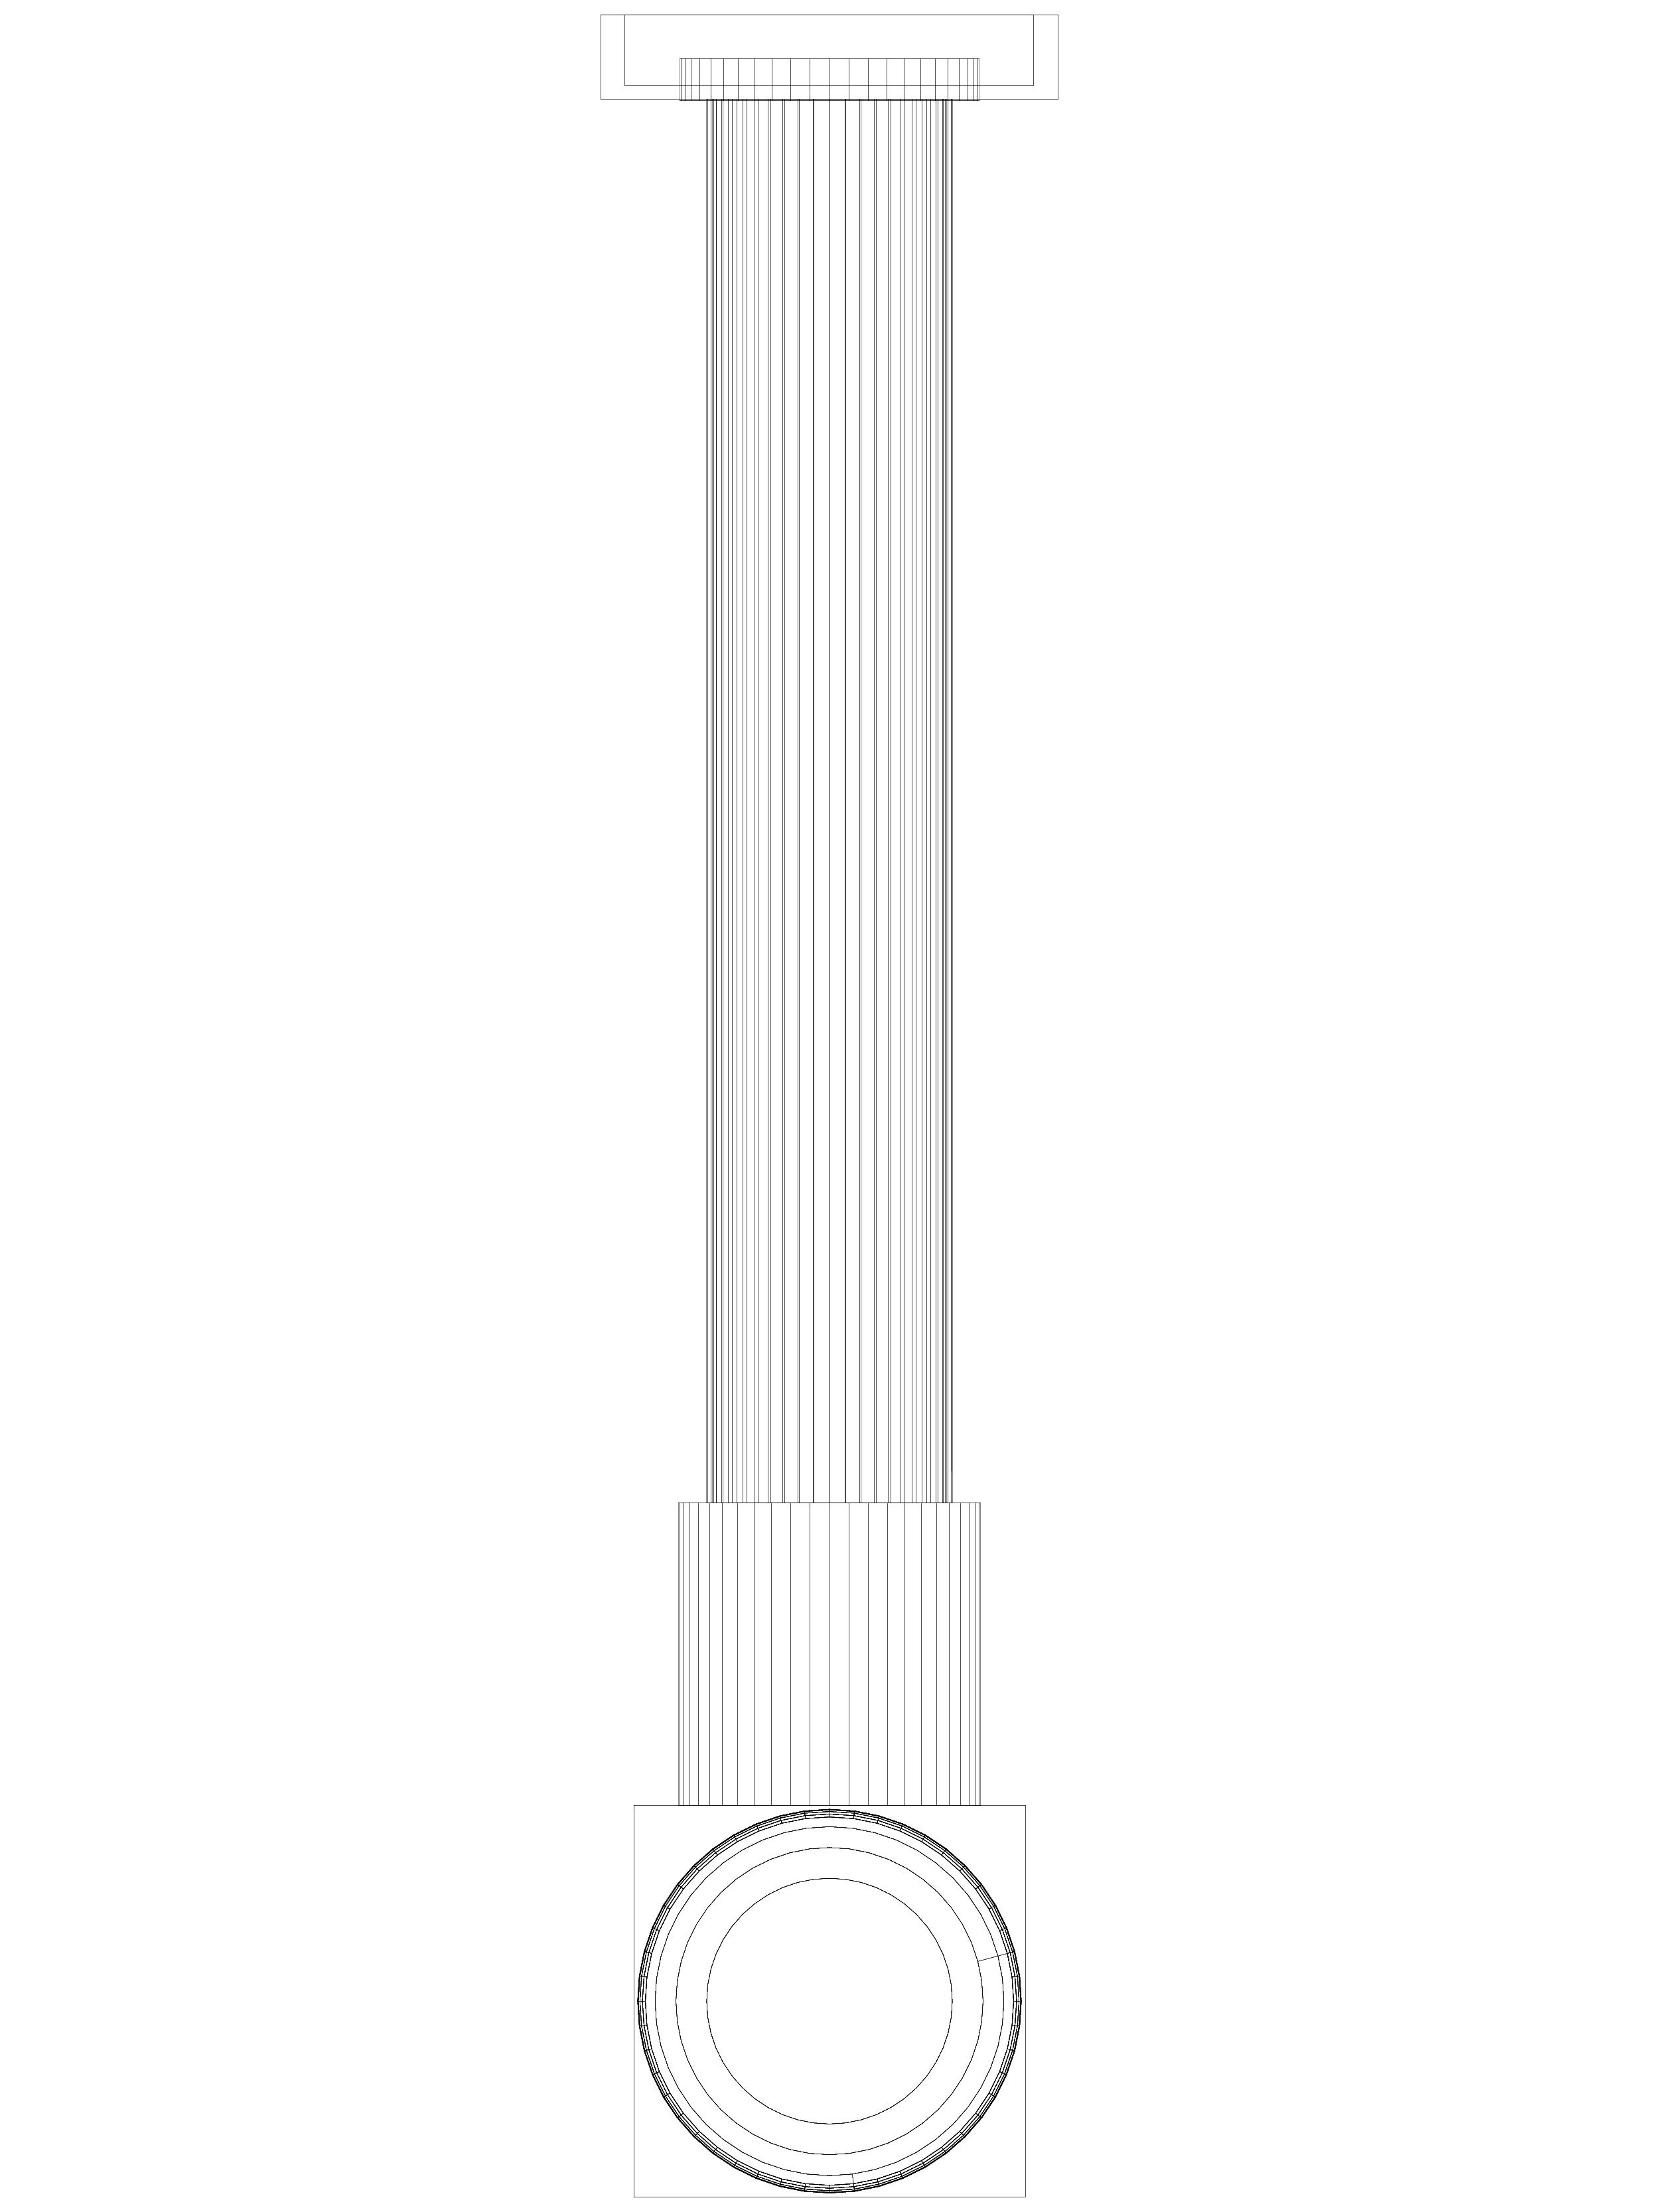 Pagina 1 - CAD-DWG Sifon design SCHELL QUAD 01 505 06 99 SCHELL Detaliu de produs Sifon Quad